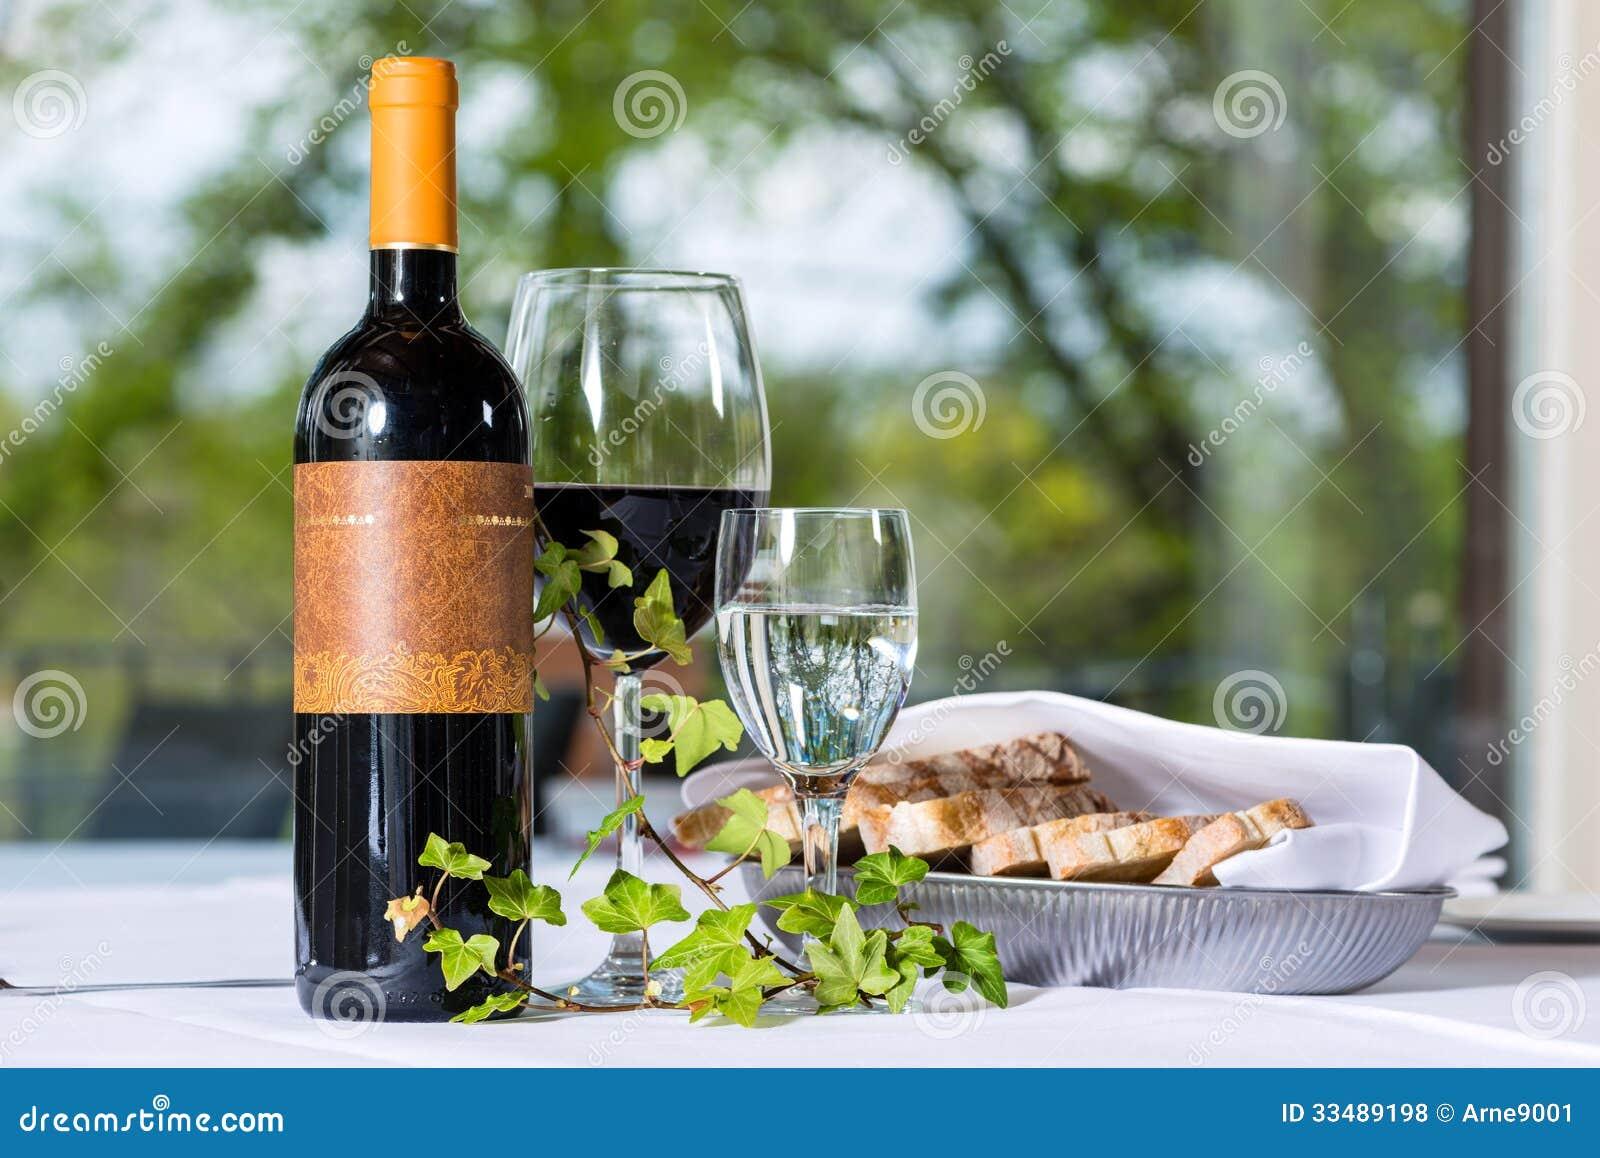 Vin rouge avec la bouteille et le verre sur une table photos libres de droits image 33489198 - La bouteille sur la table ...